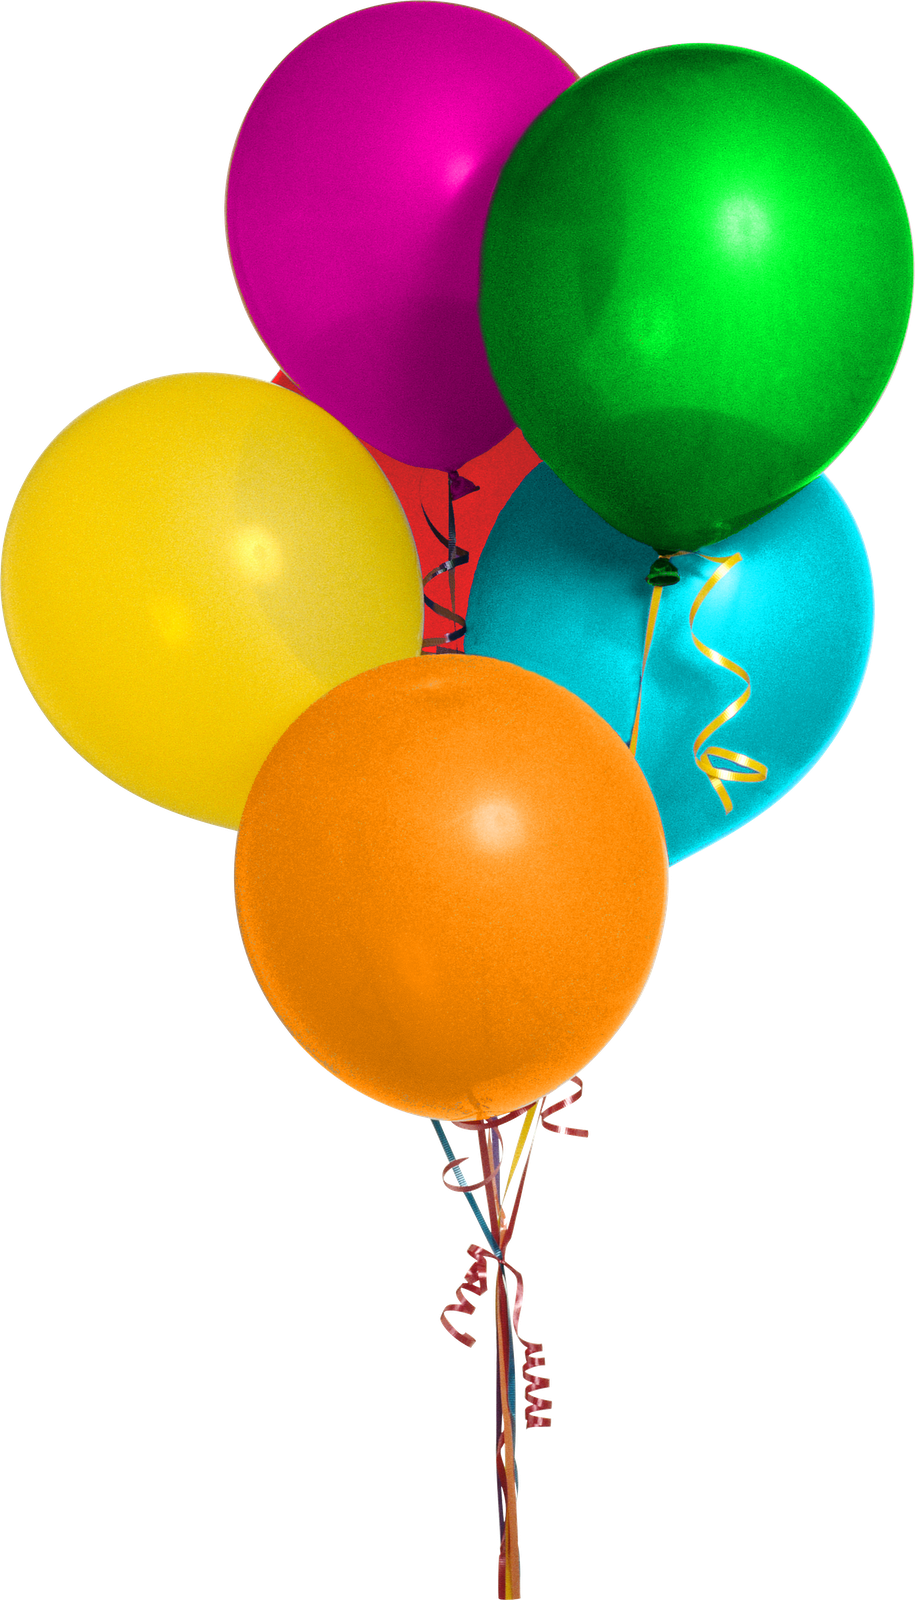 la broma con globos m s divertida el gancho